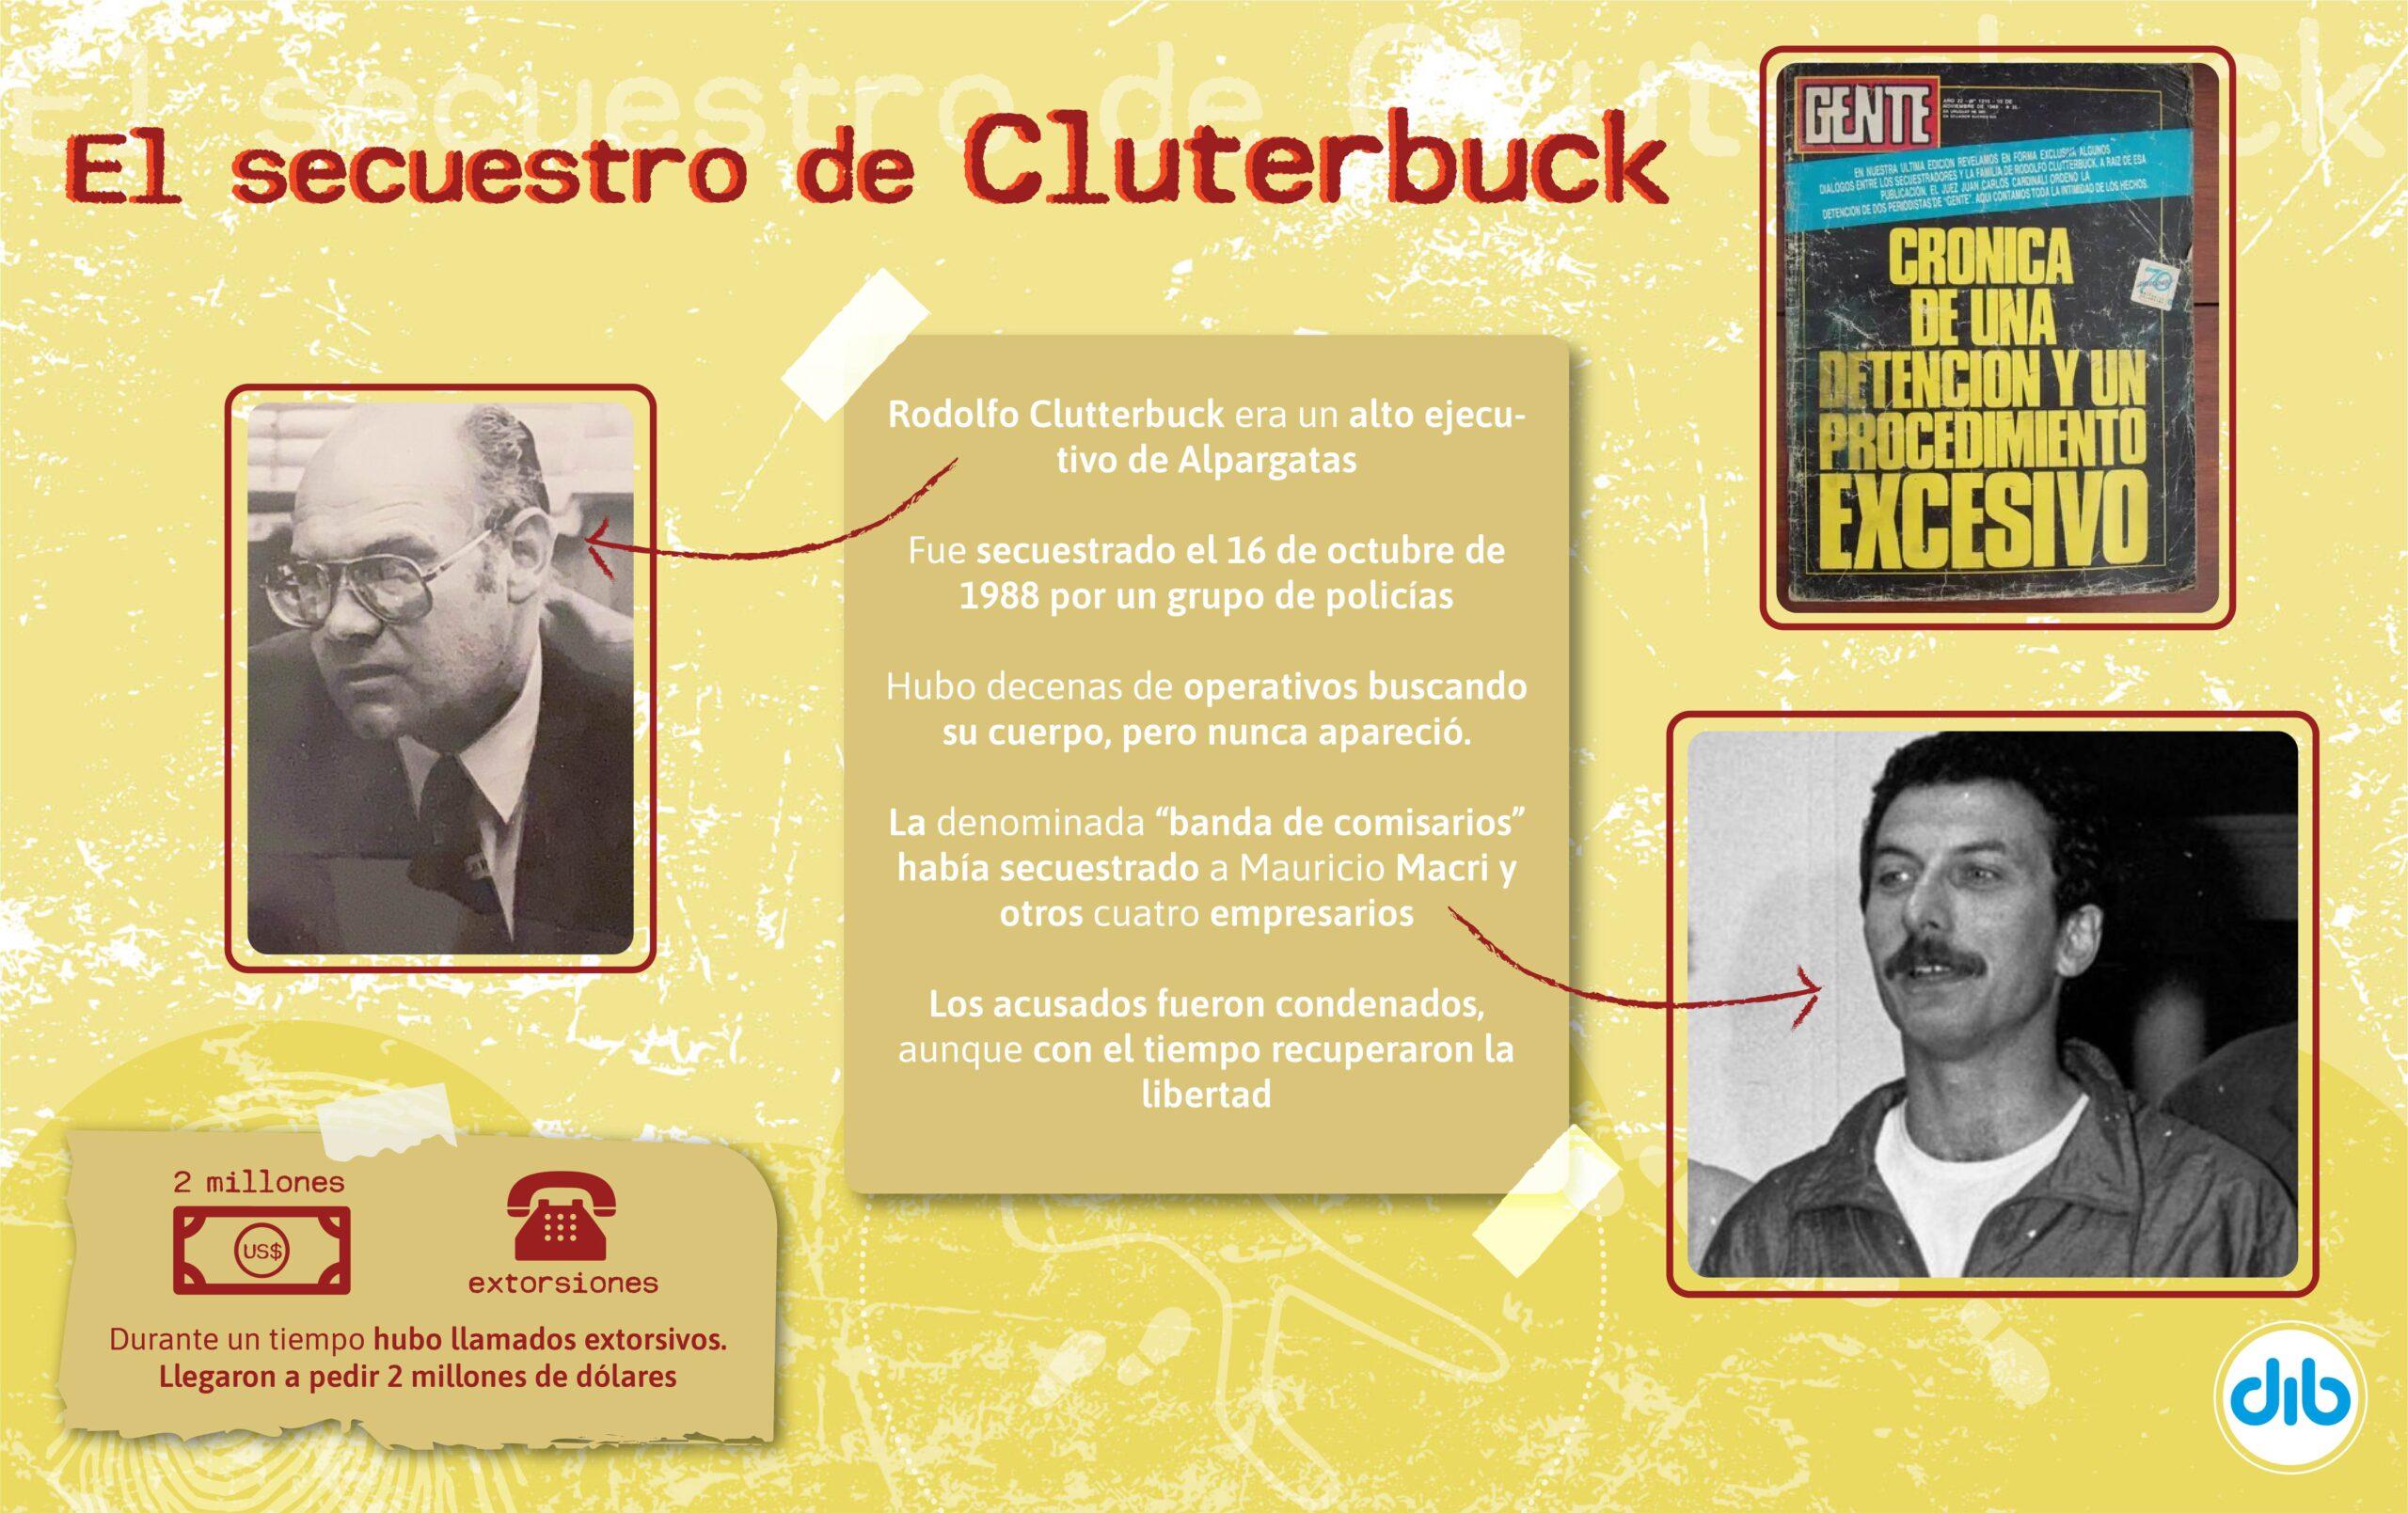 EL SECUESTRO DE RODOLFO CLUTTERBUCK, EL EMPRESARIO DEL QUE NUNCA SE SUPO MÁS